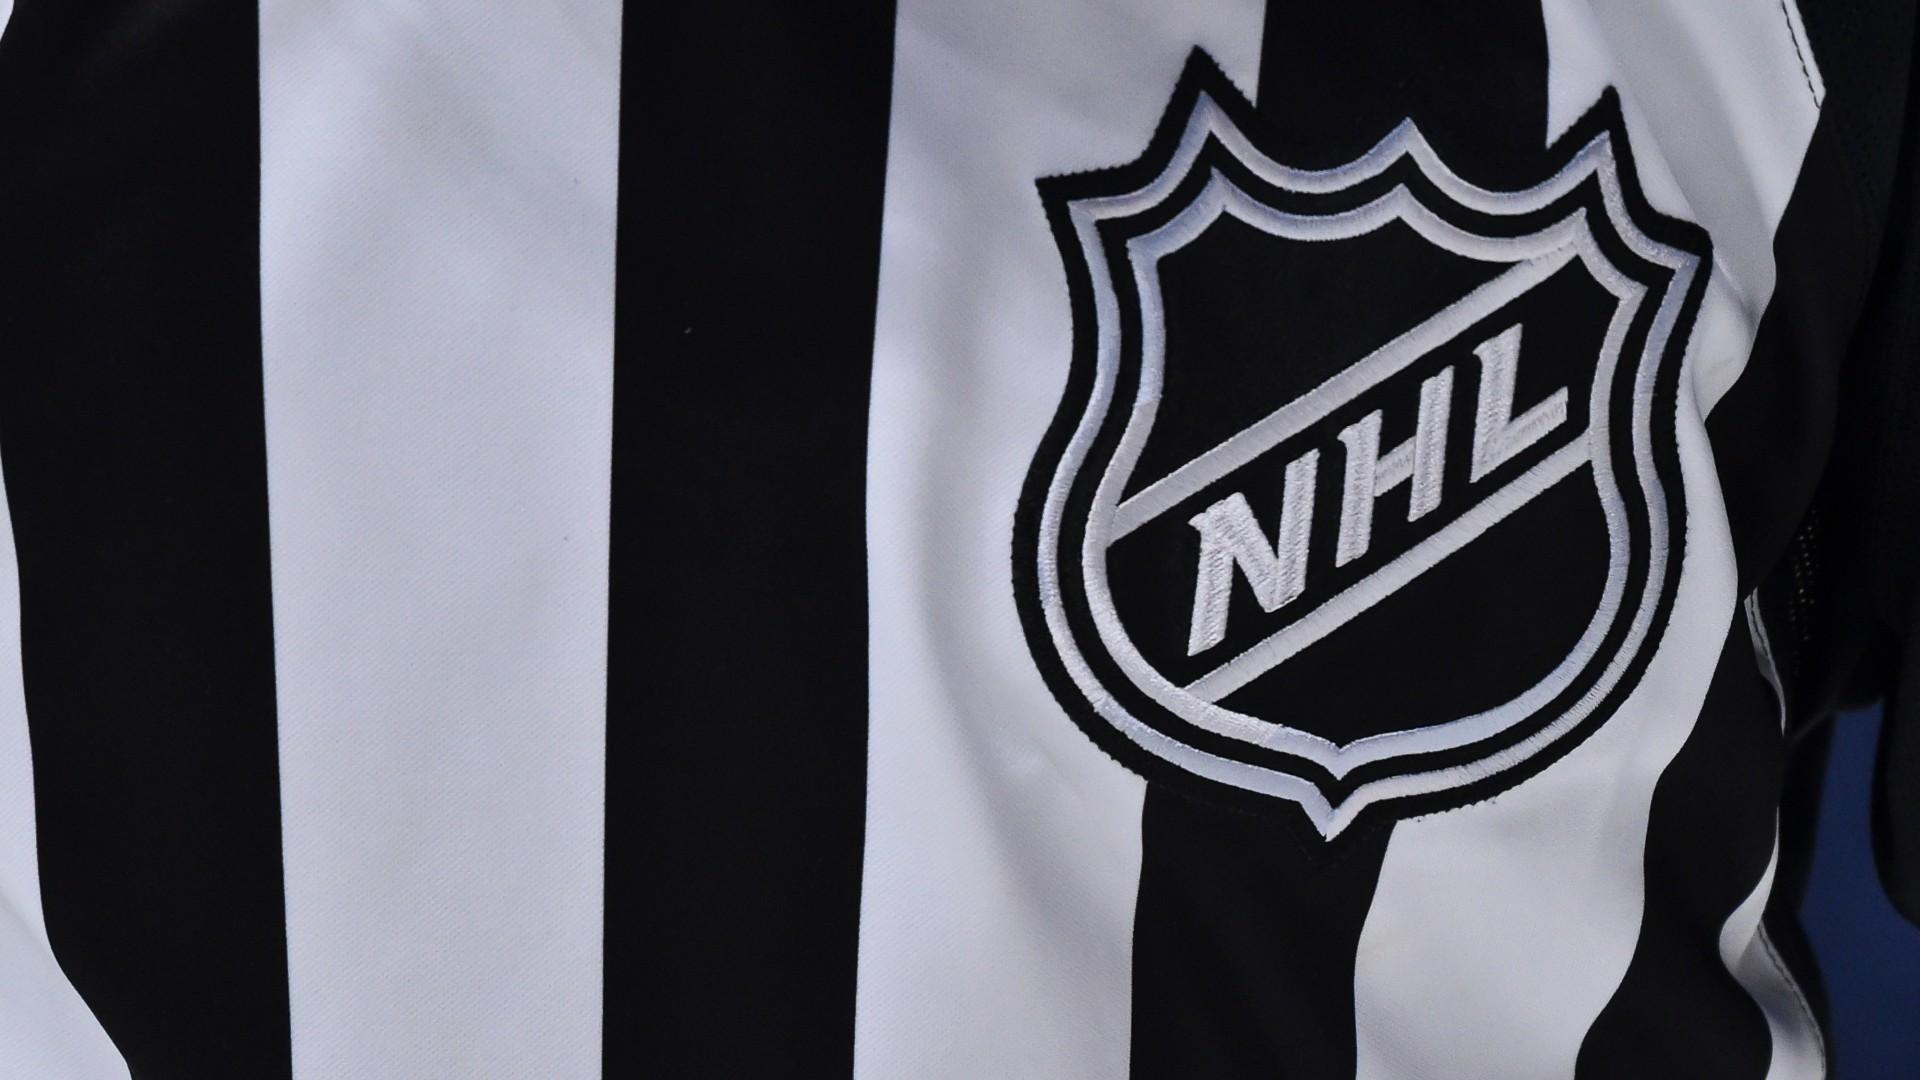 Con la temporada 2019-20 al borde, un vistazo a la historia de las interrupciones de NHL 33